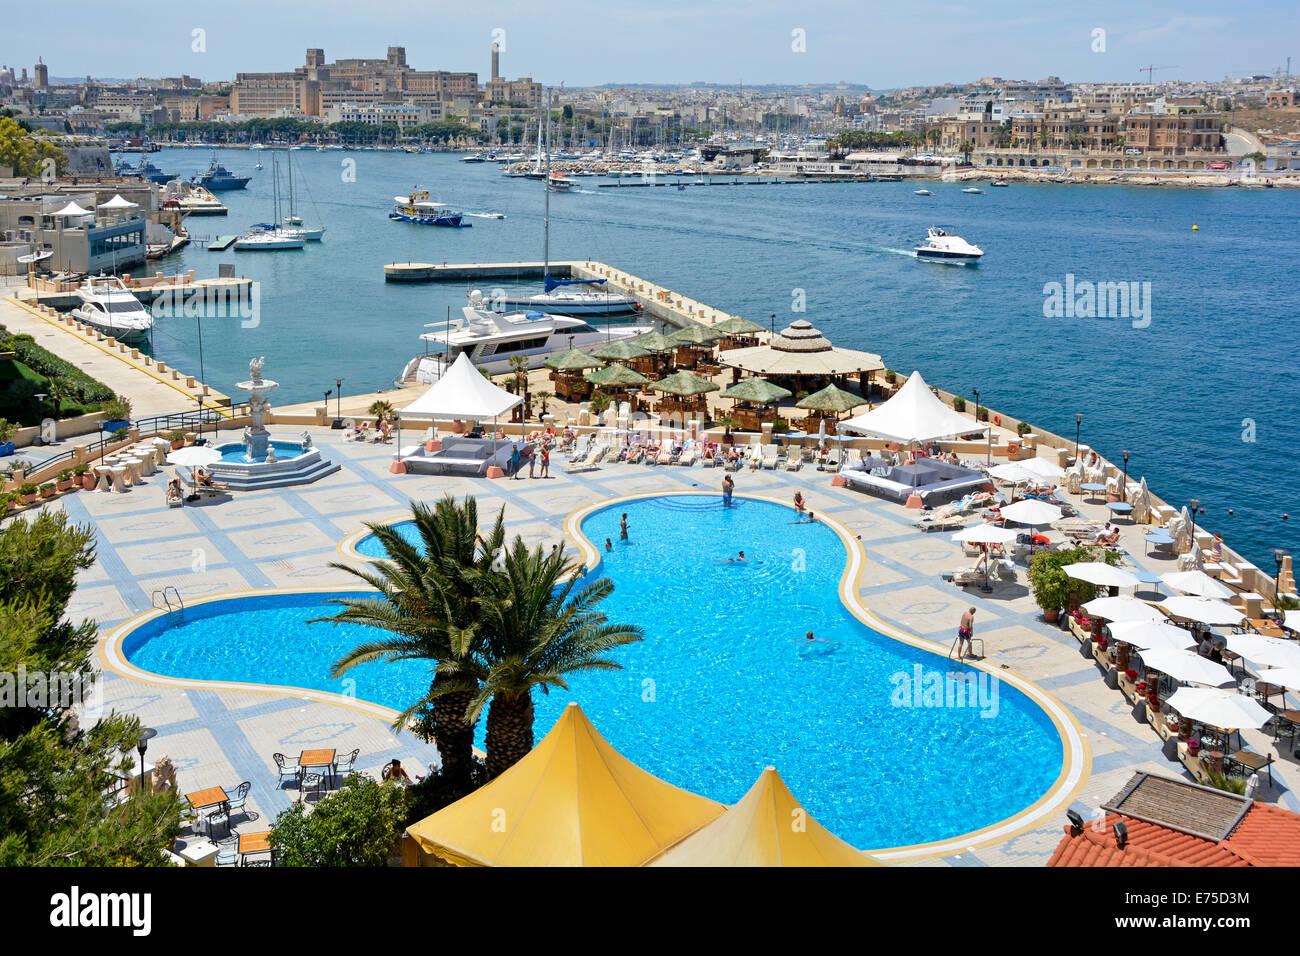 Der Pool Und Die Gaste Im 5 Sterne Luxus Grand Hotel Excelsior Mit Blick Auf Marsamxett Hafen Valletta Malta Mittelmeer Europa Stockfotografie Alamy